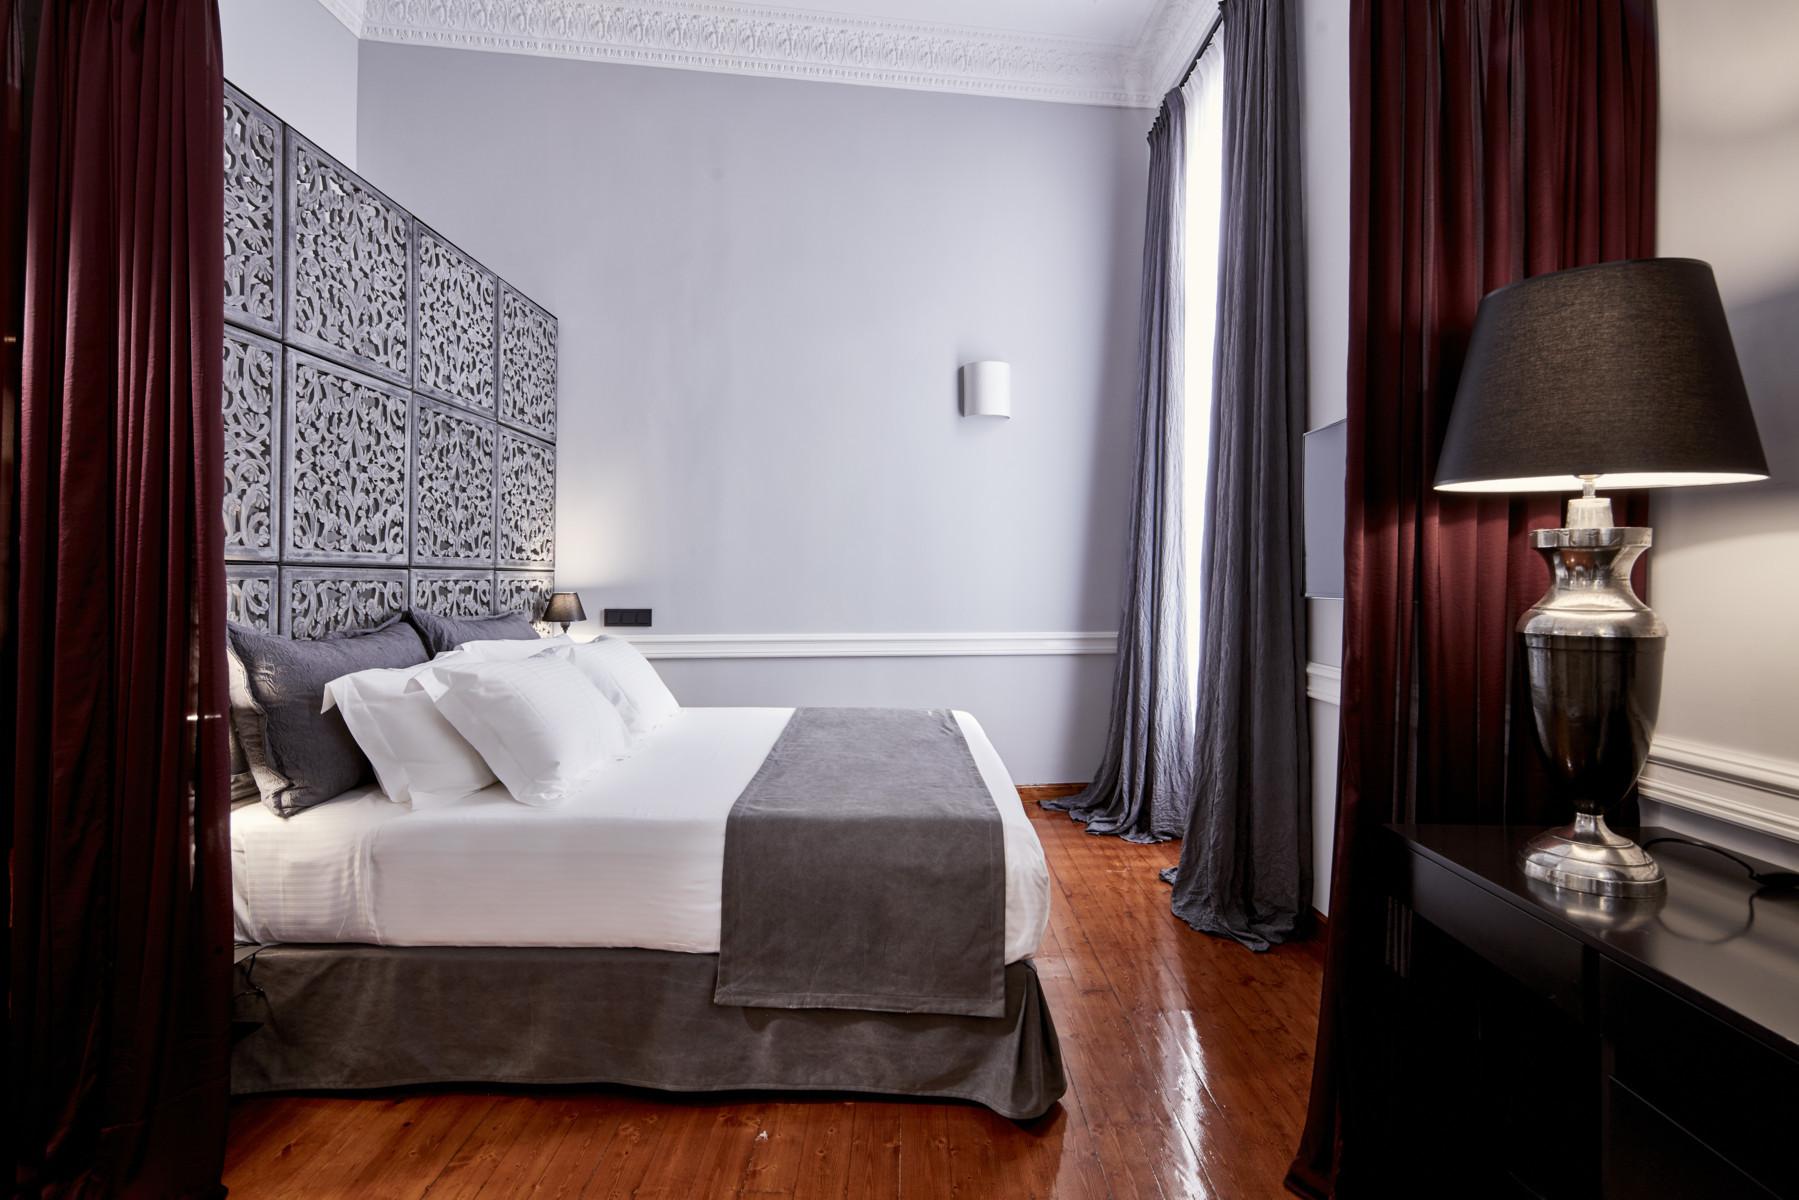 zillers rooms suite